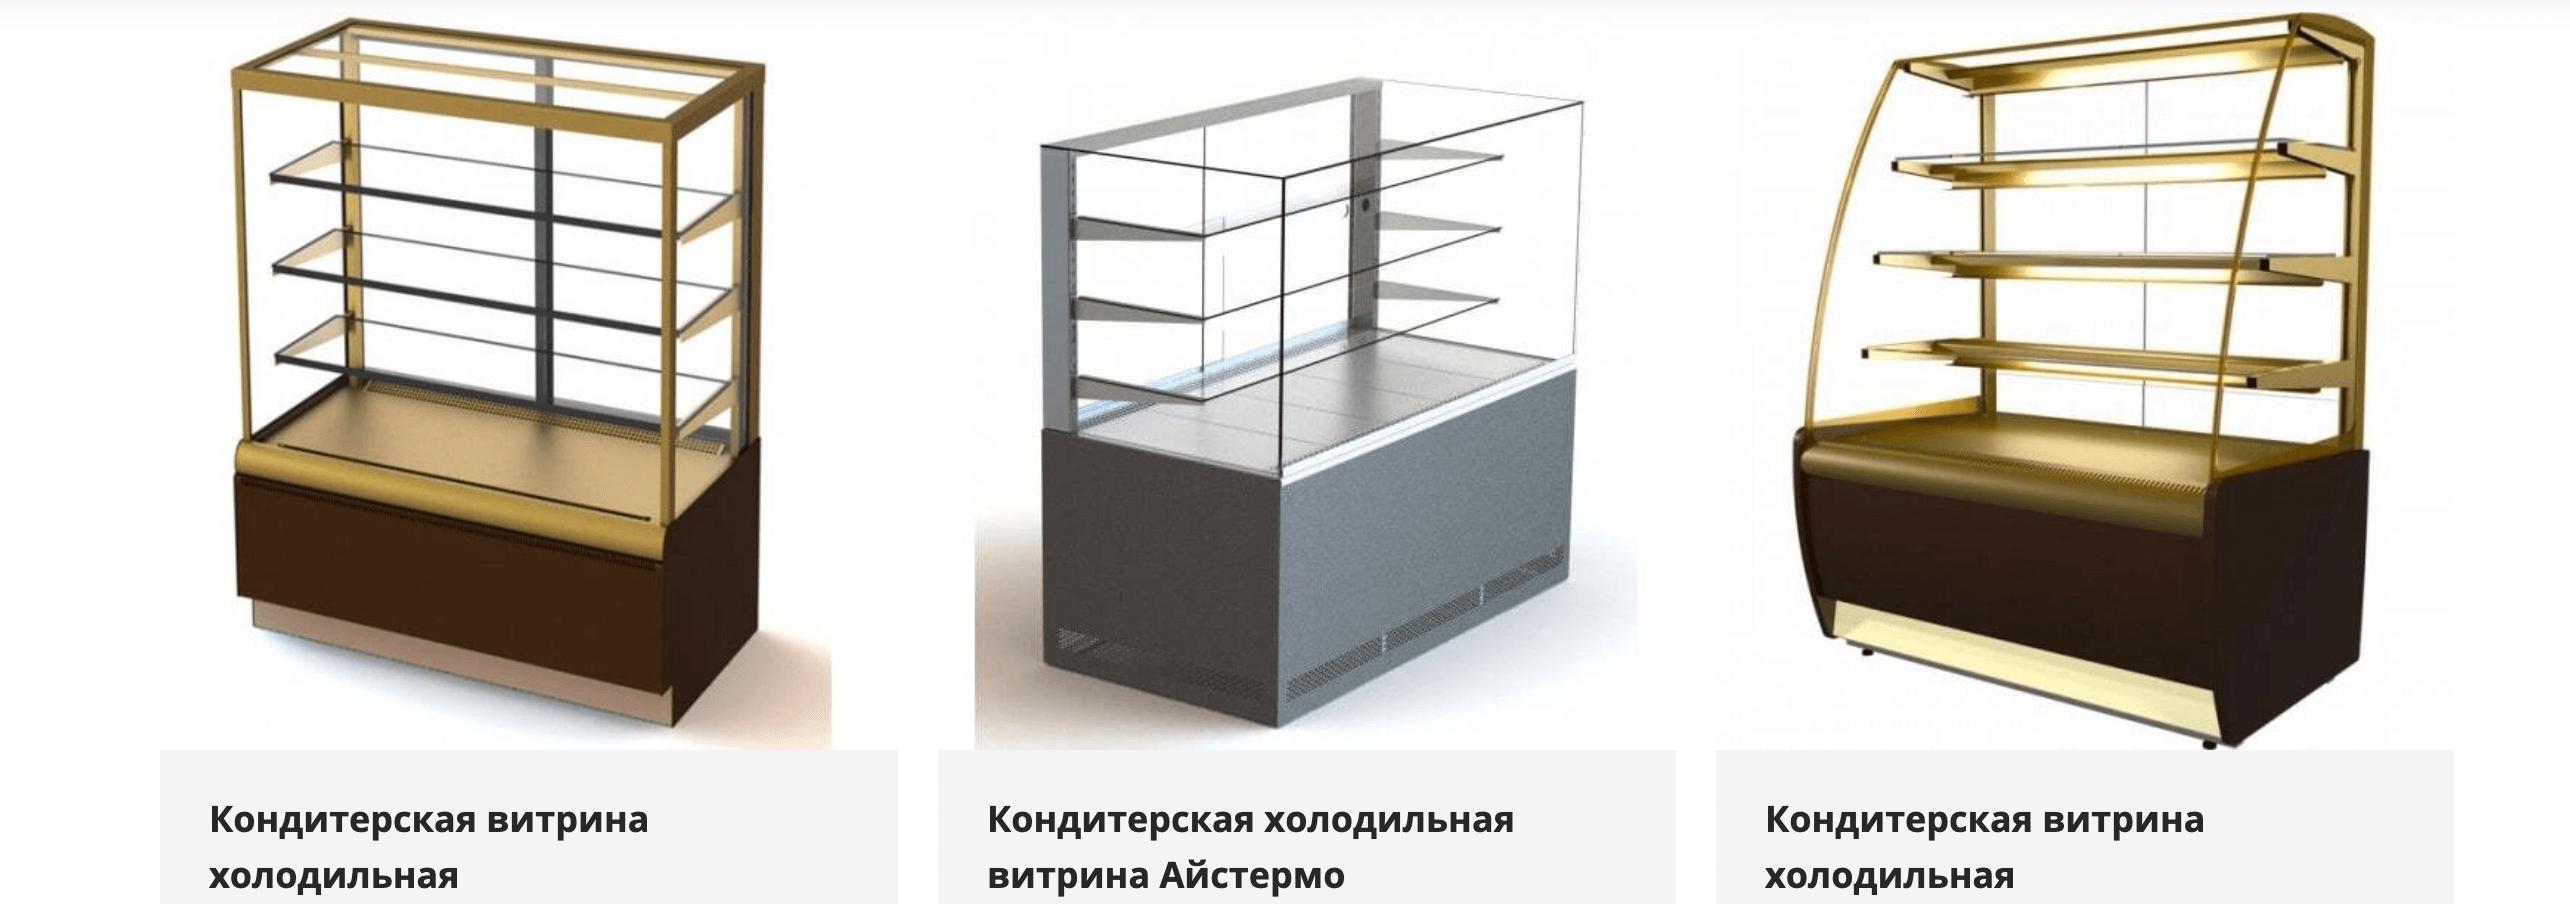 Холодильные и морозильные витрины в Херсоне